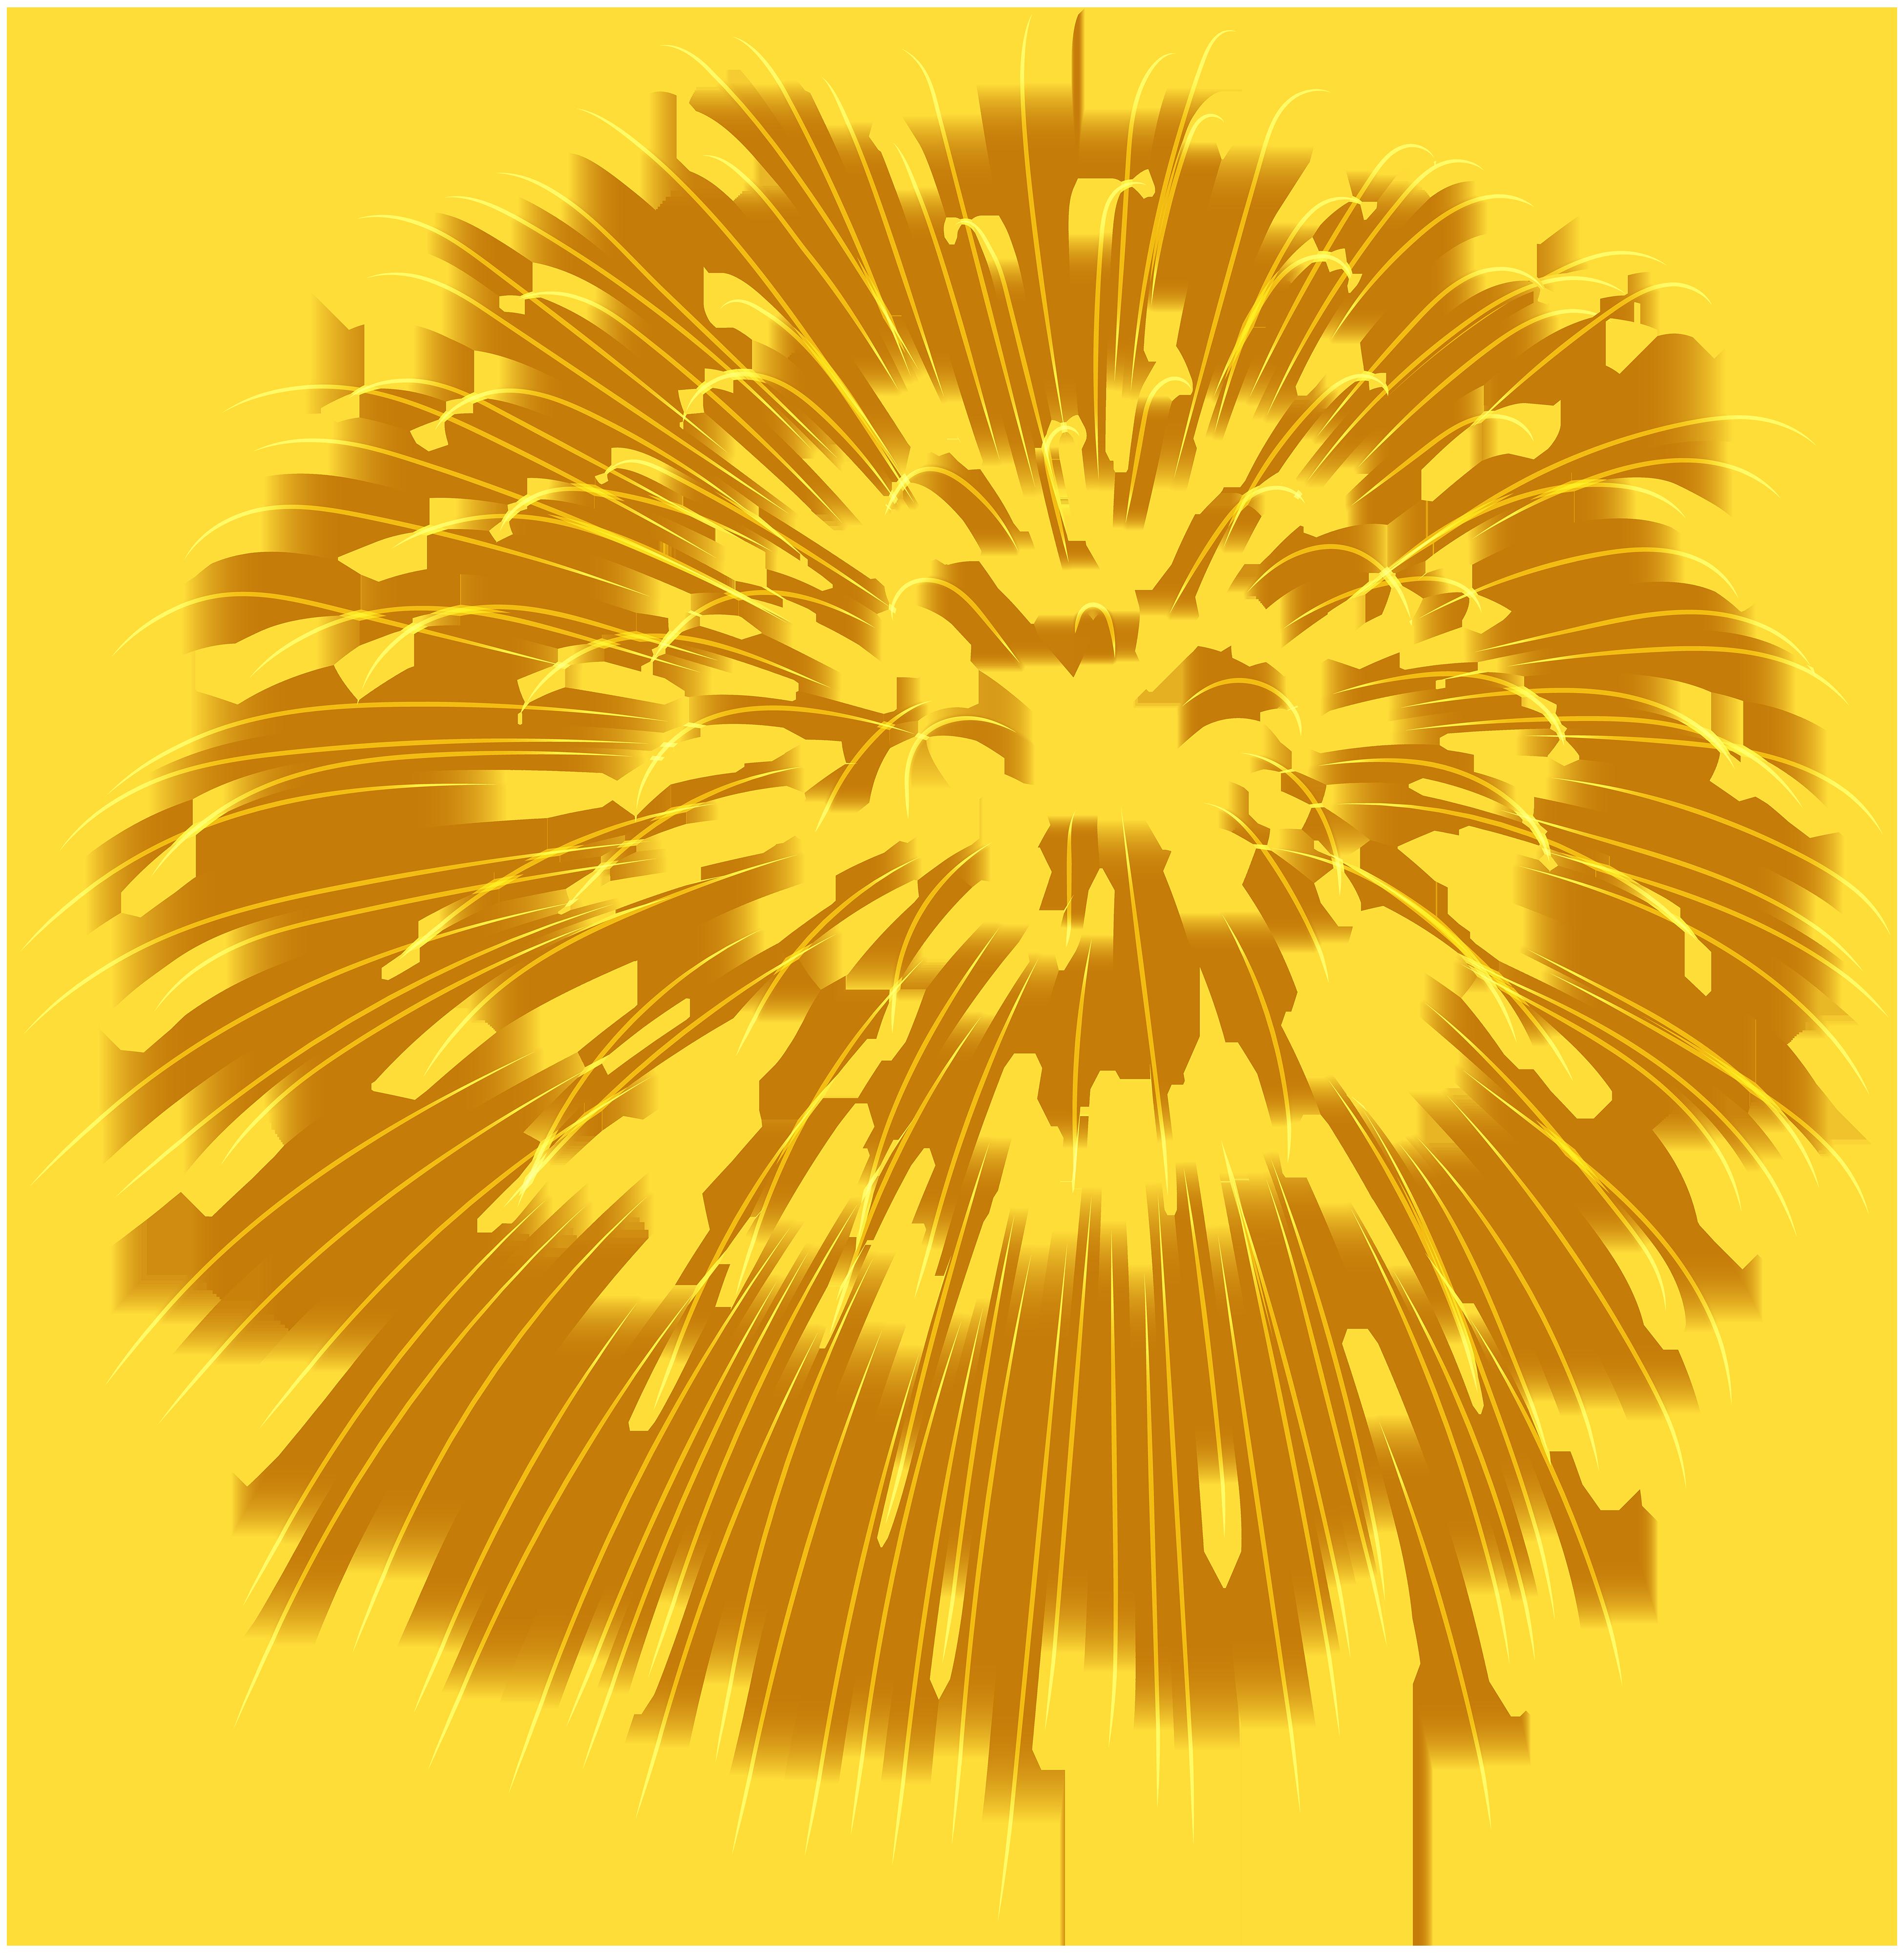 Firework yellow transparent png. Clipart fireworks wallpaper